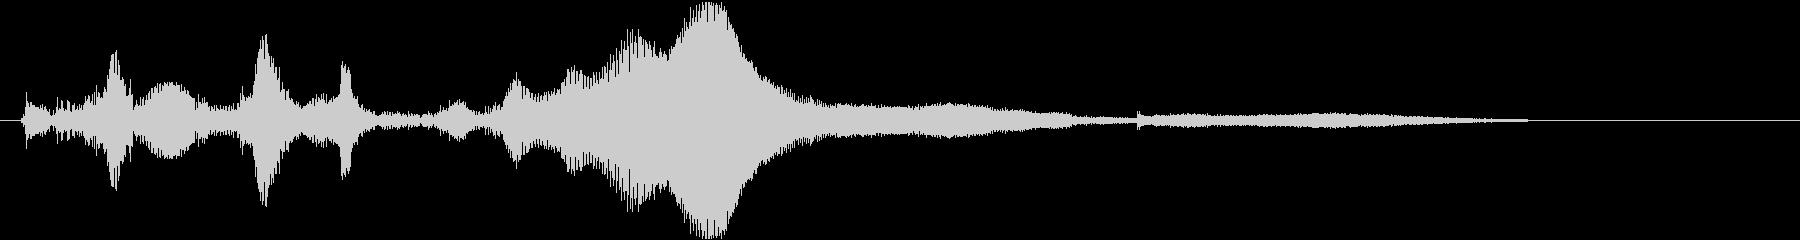 トラックスタート/アウェイ; Mo...の未再生の波形